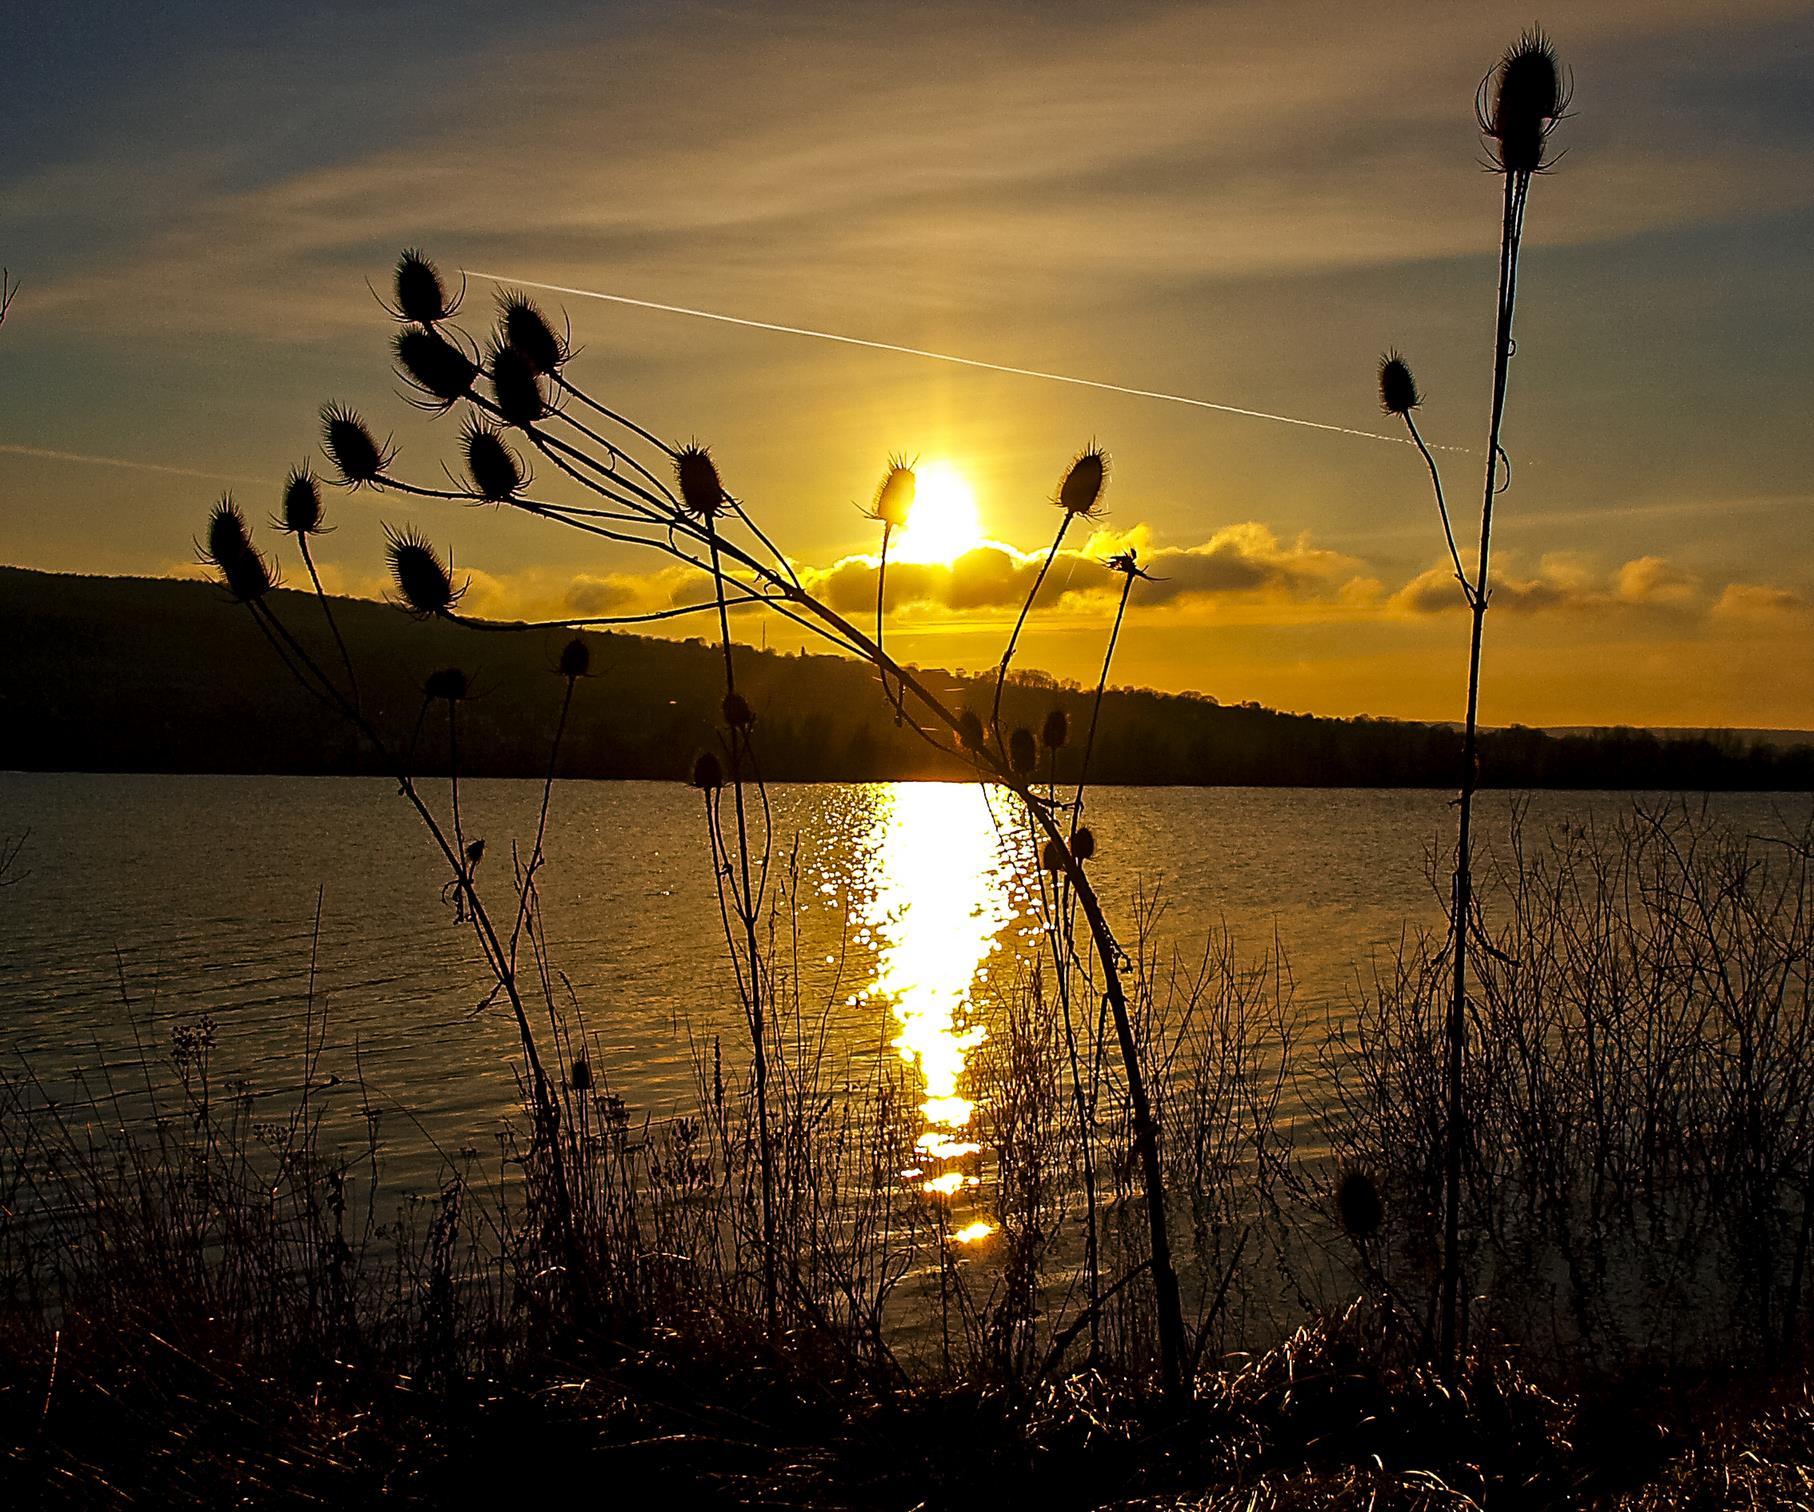 Am Ufer wachsende wilde Karde im Sonnenuntergang.